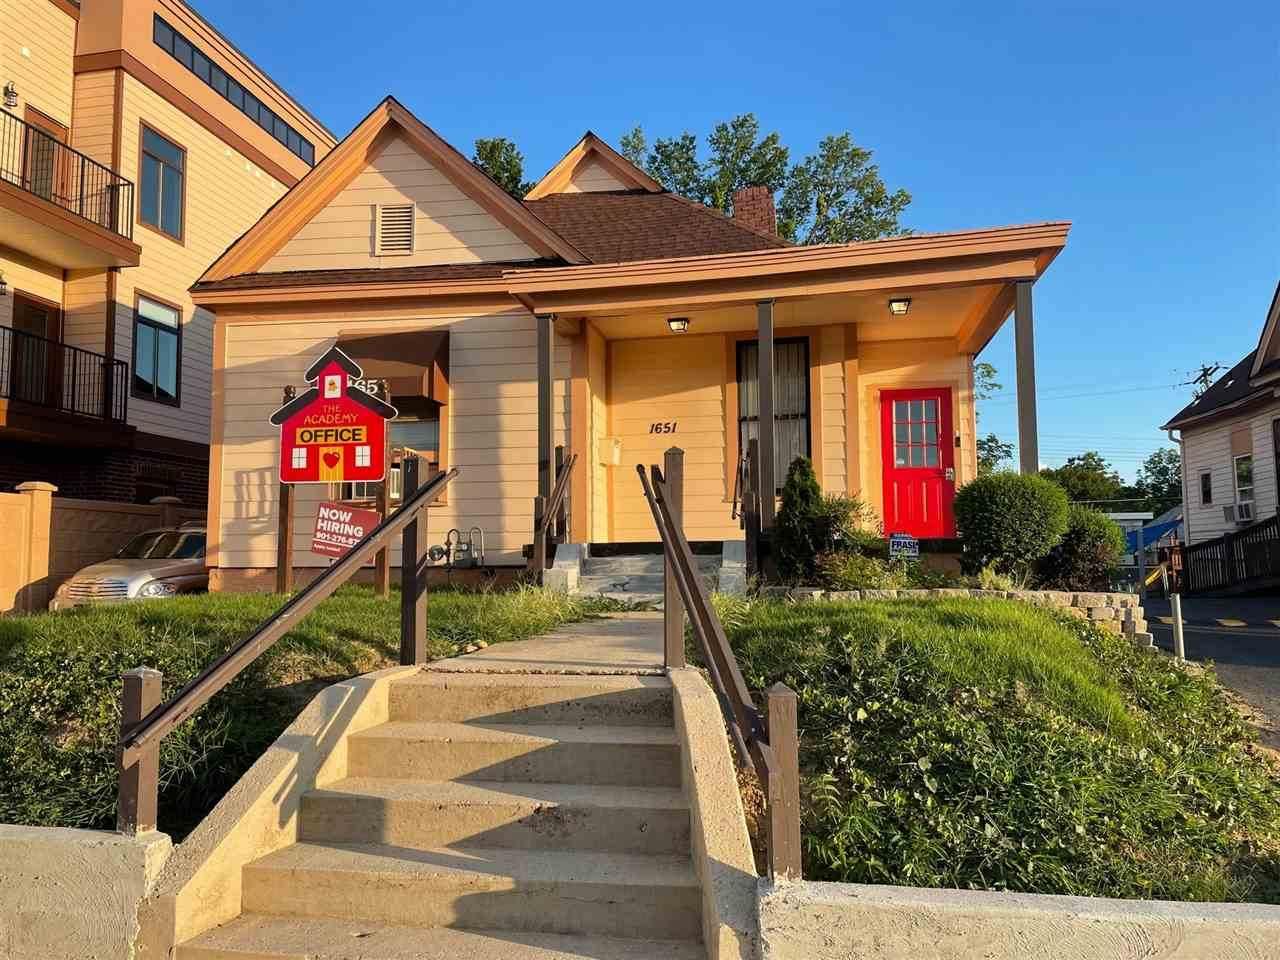 1651 Madison Ave - Photo 1